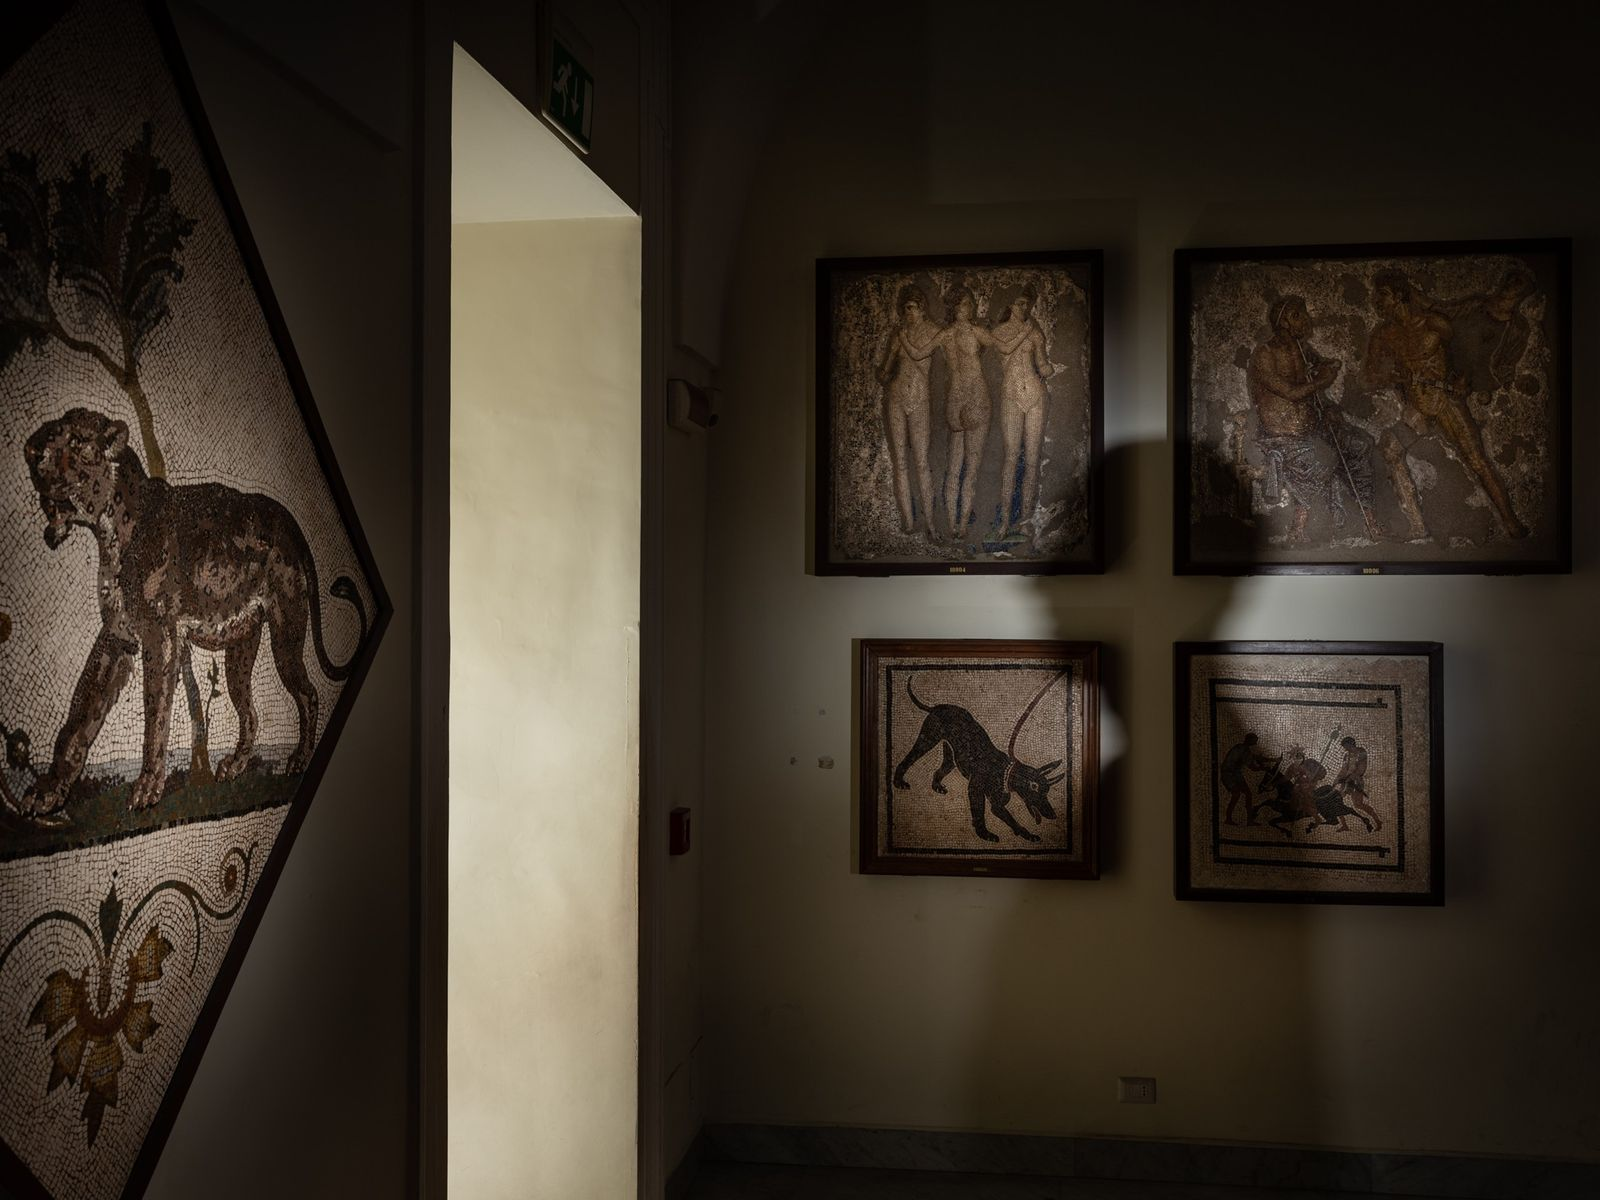 Os Tesouros dos Museus Perduram, Mas a Forma Como os Visitamos Pode Mudar